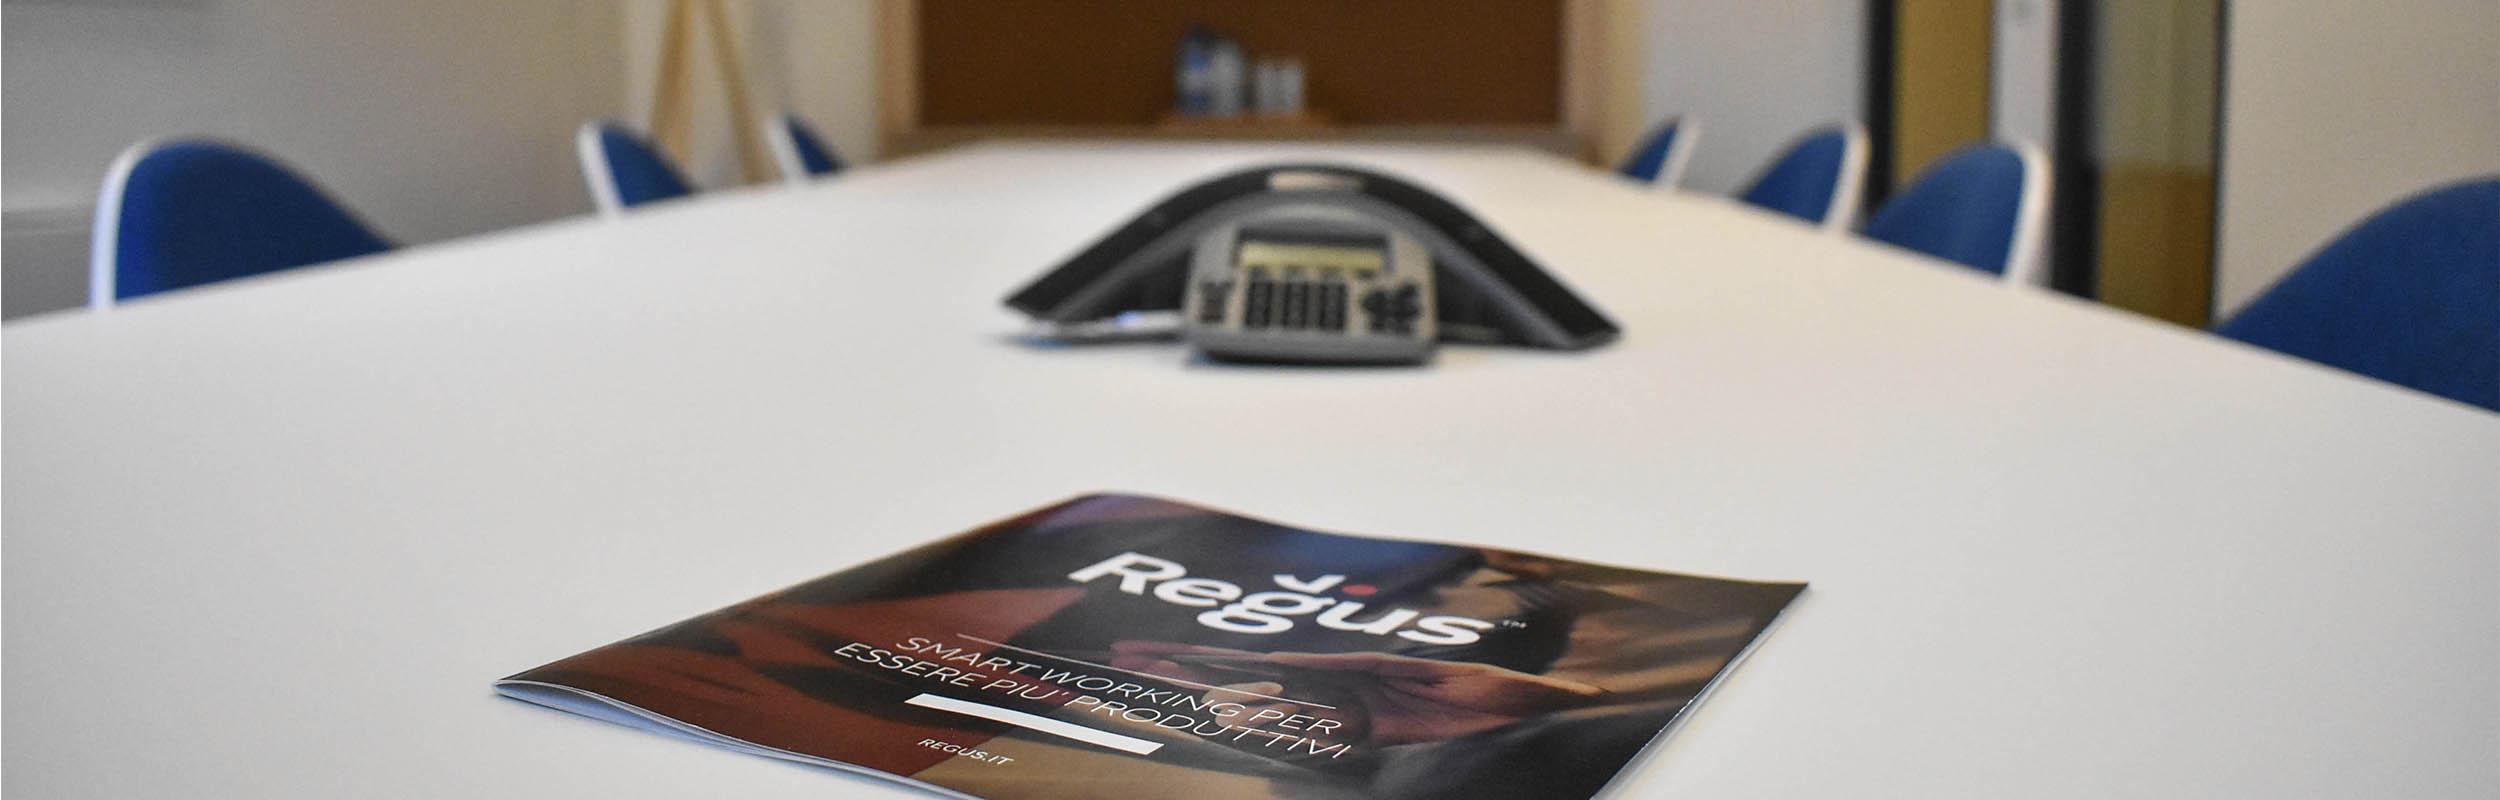 Smartworking, prosegue l'iniziativa di Regus: giornate di prova, gratuite, ogni mese